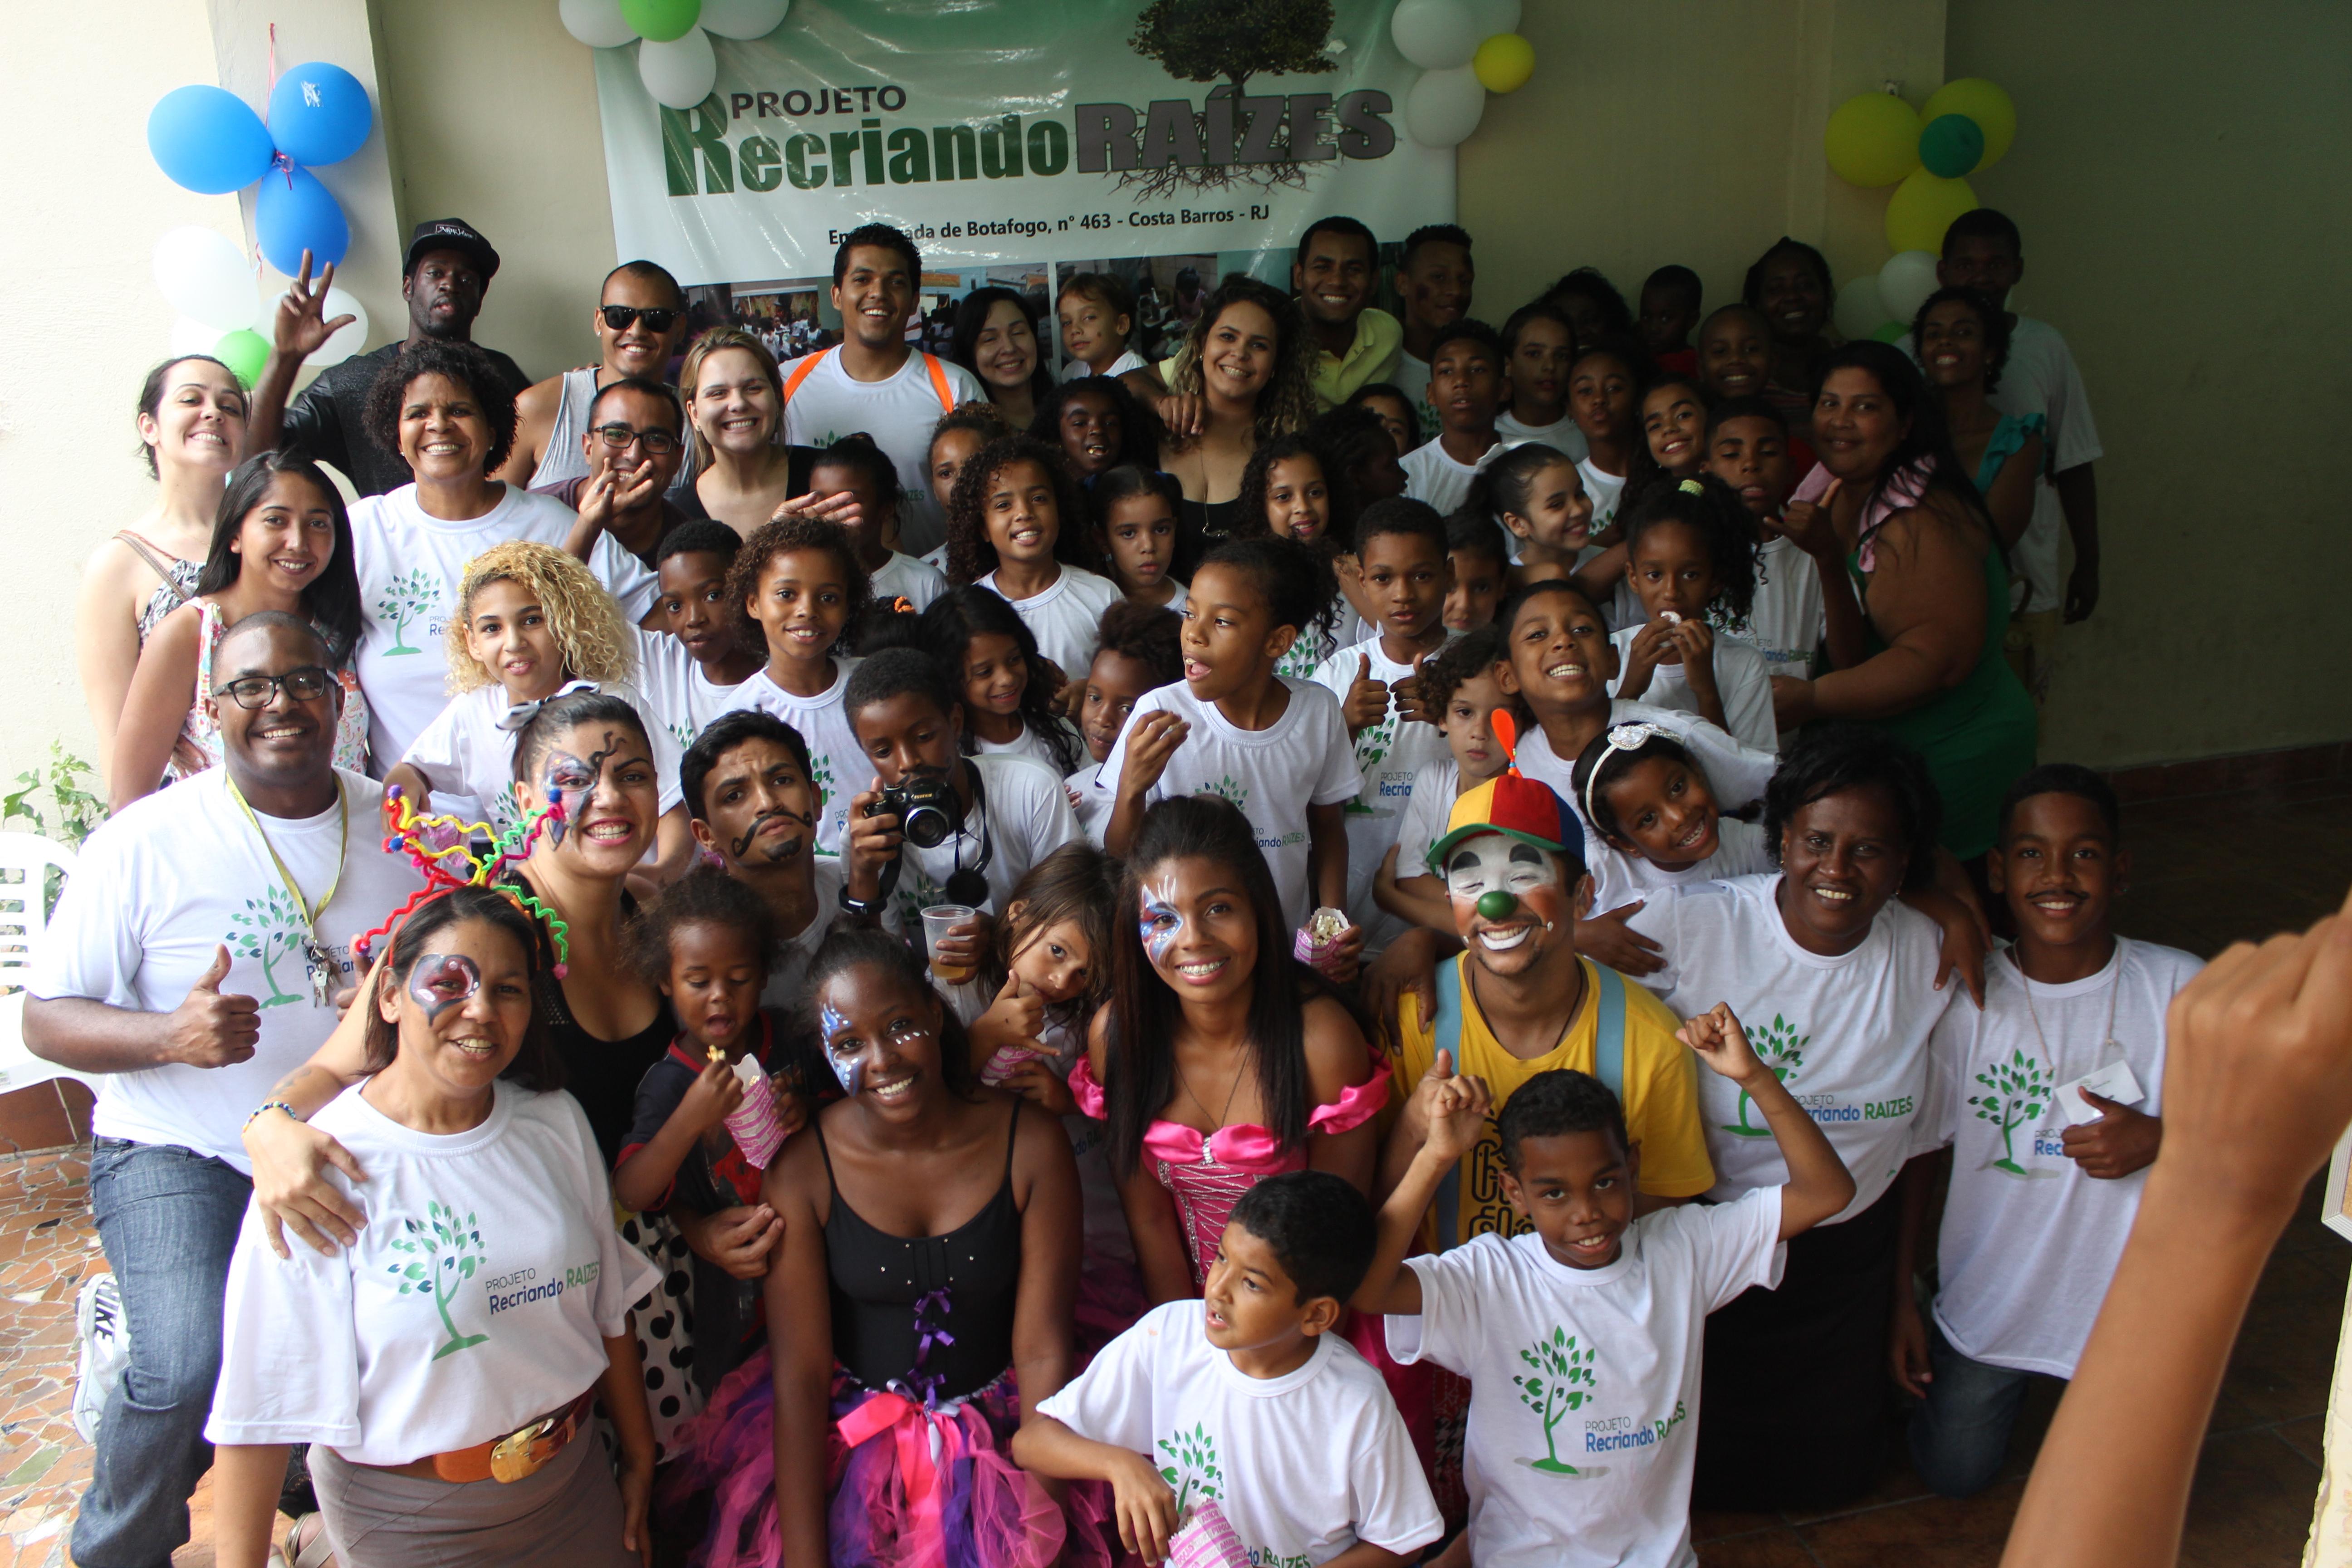 Erradicando a pobreza através do investimento em crianças e famílias